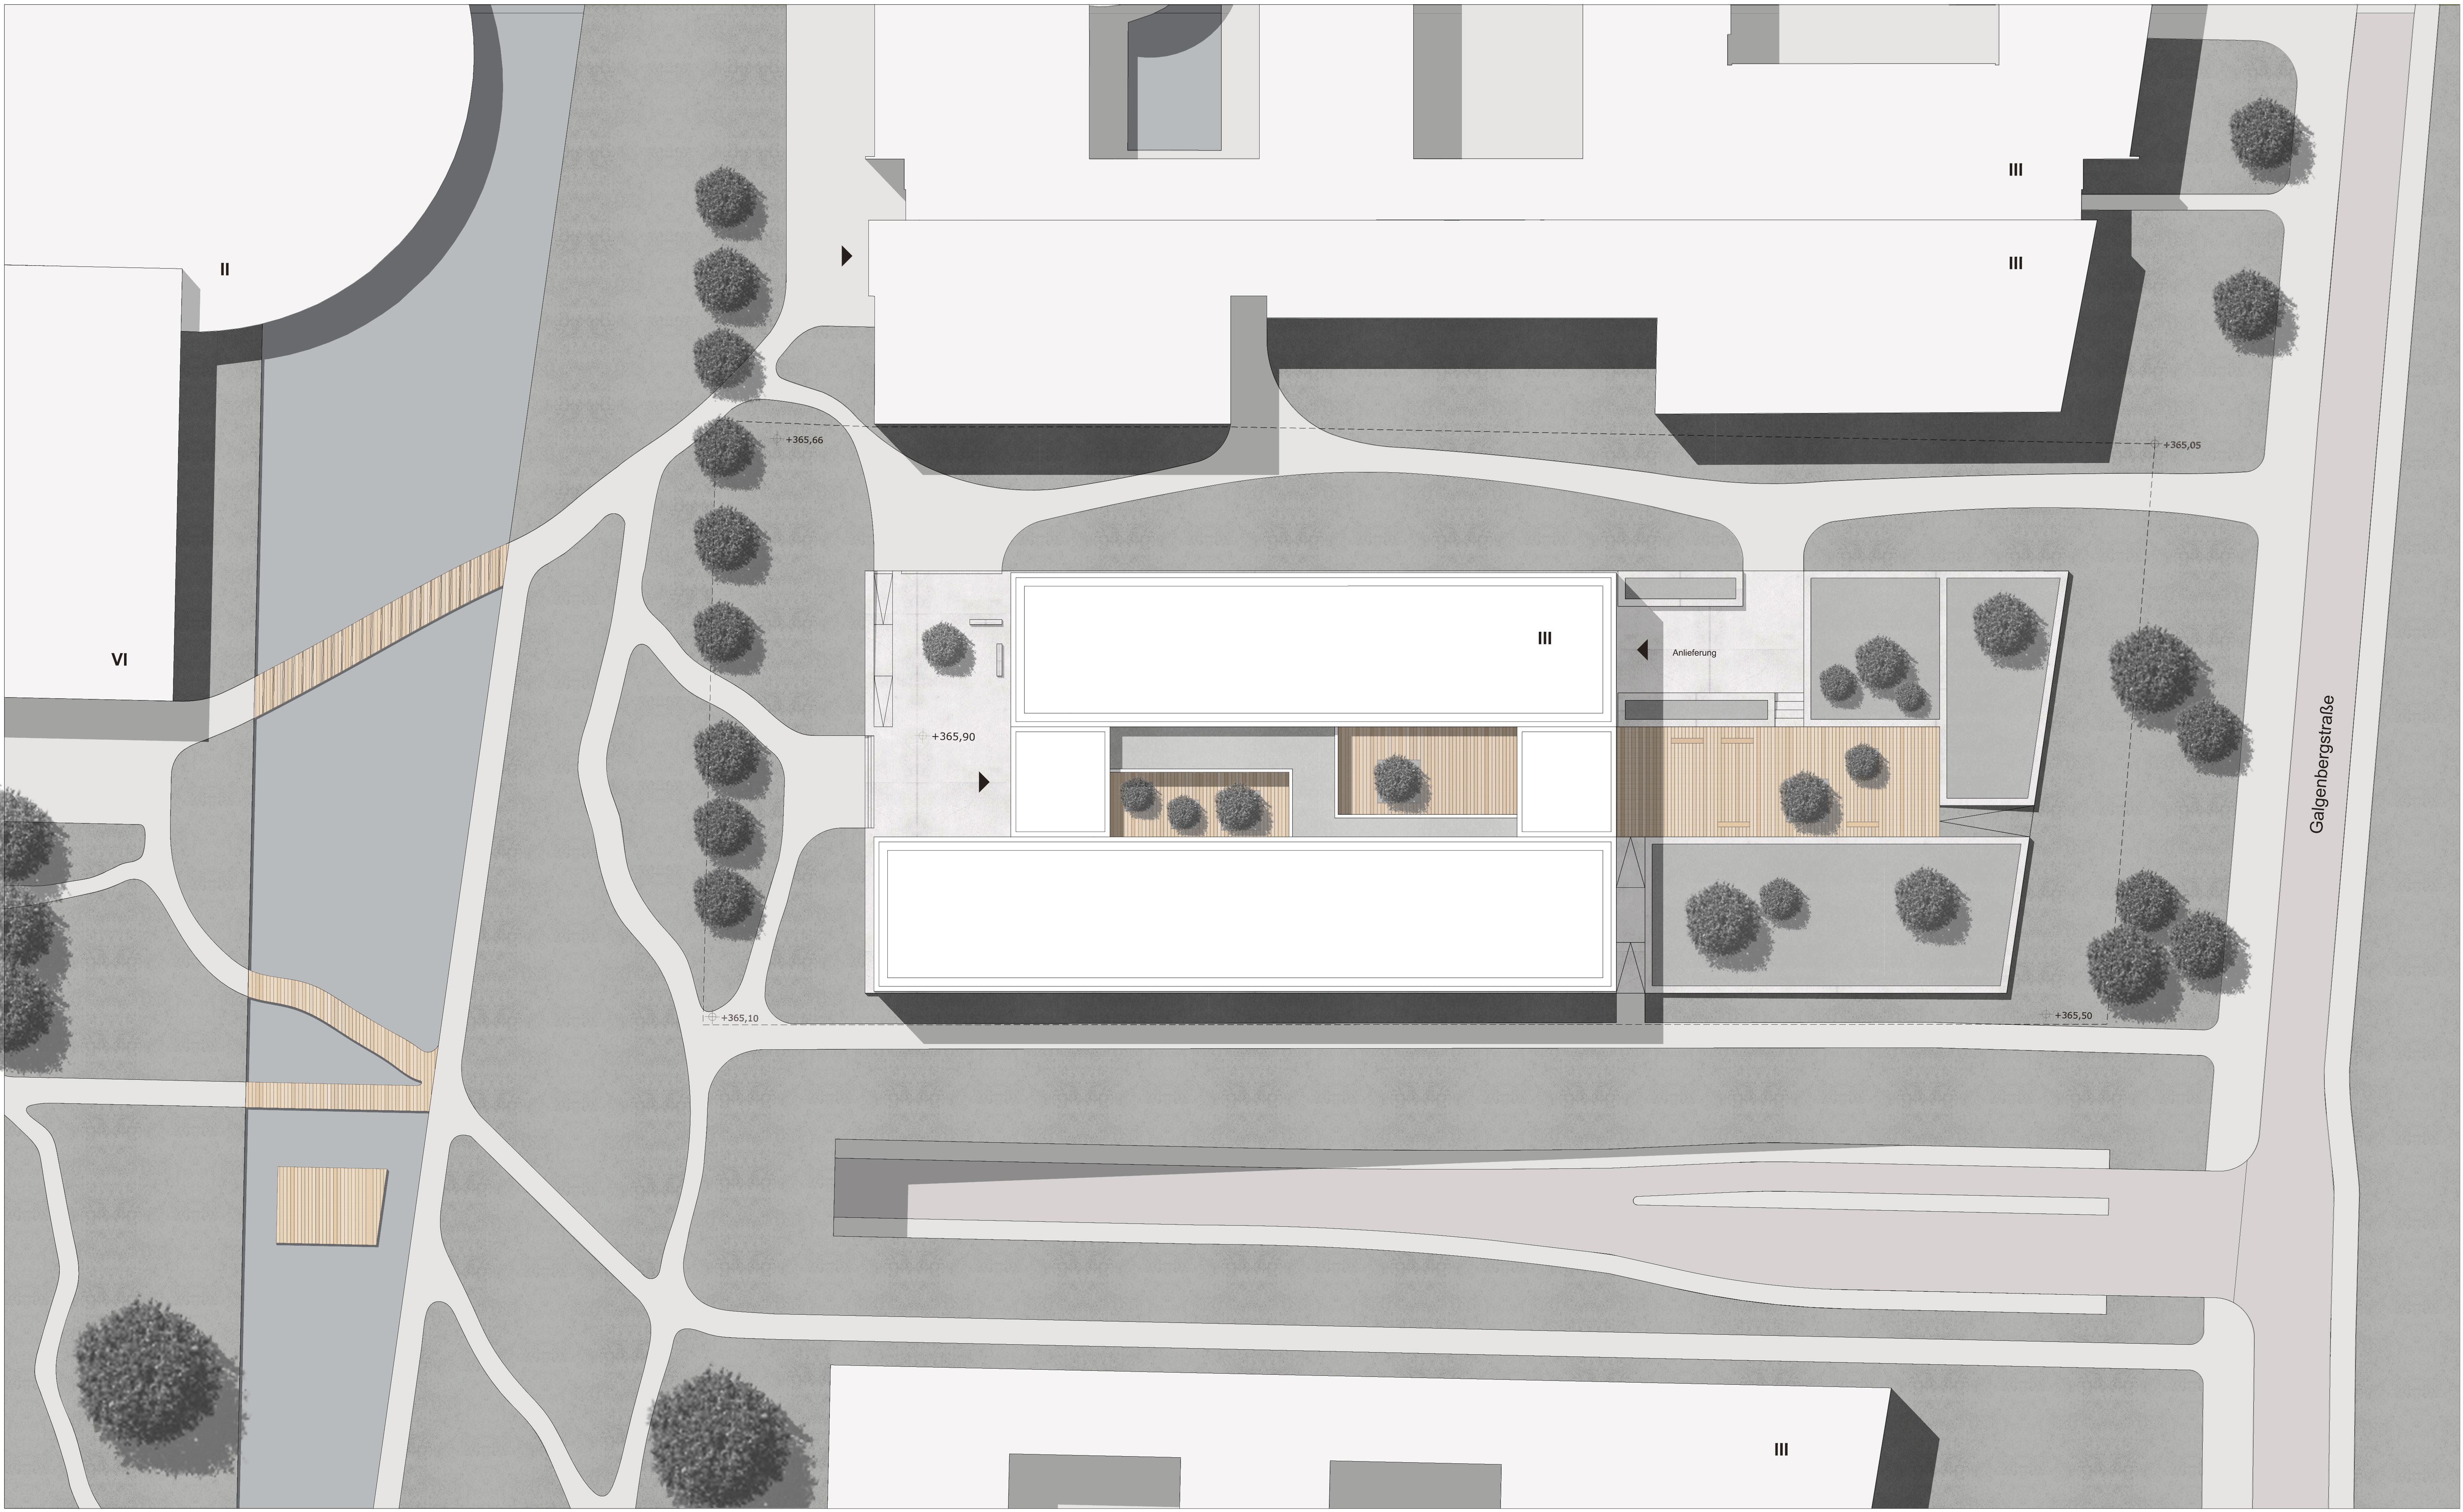 Neubau für die Fakultät Informatik und Mathematik Regensburg